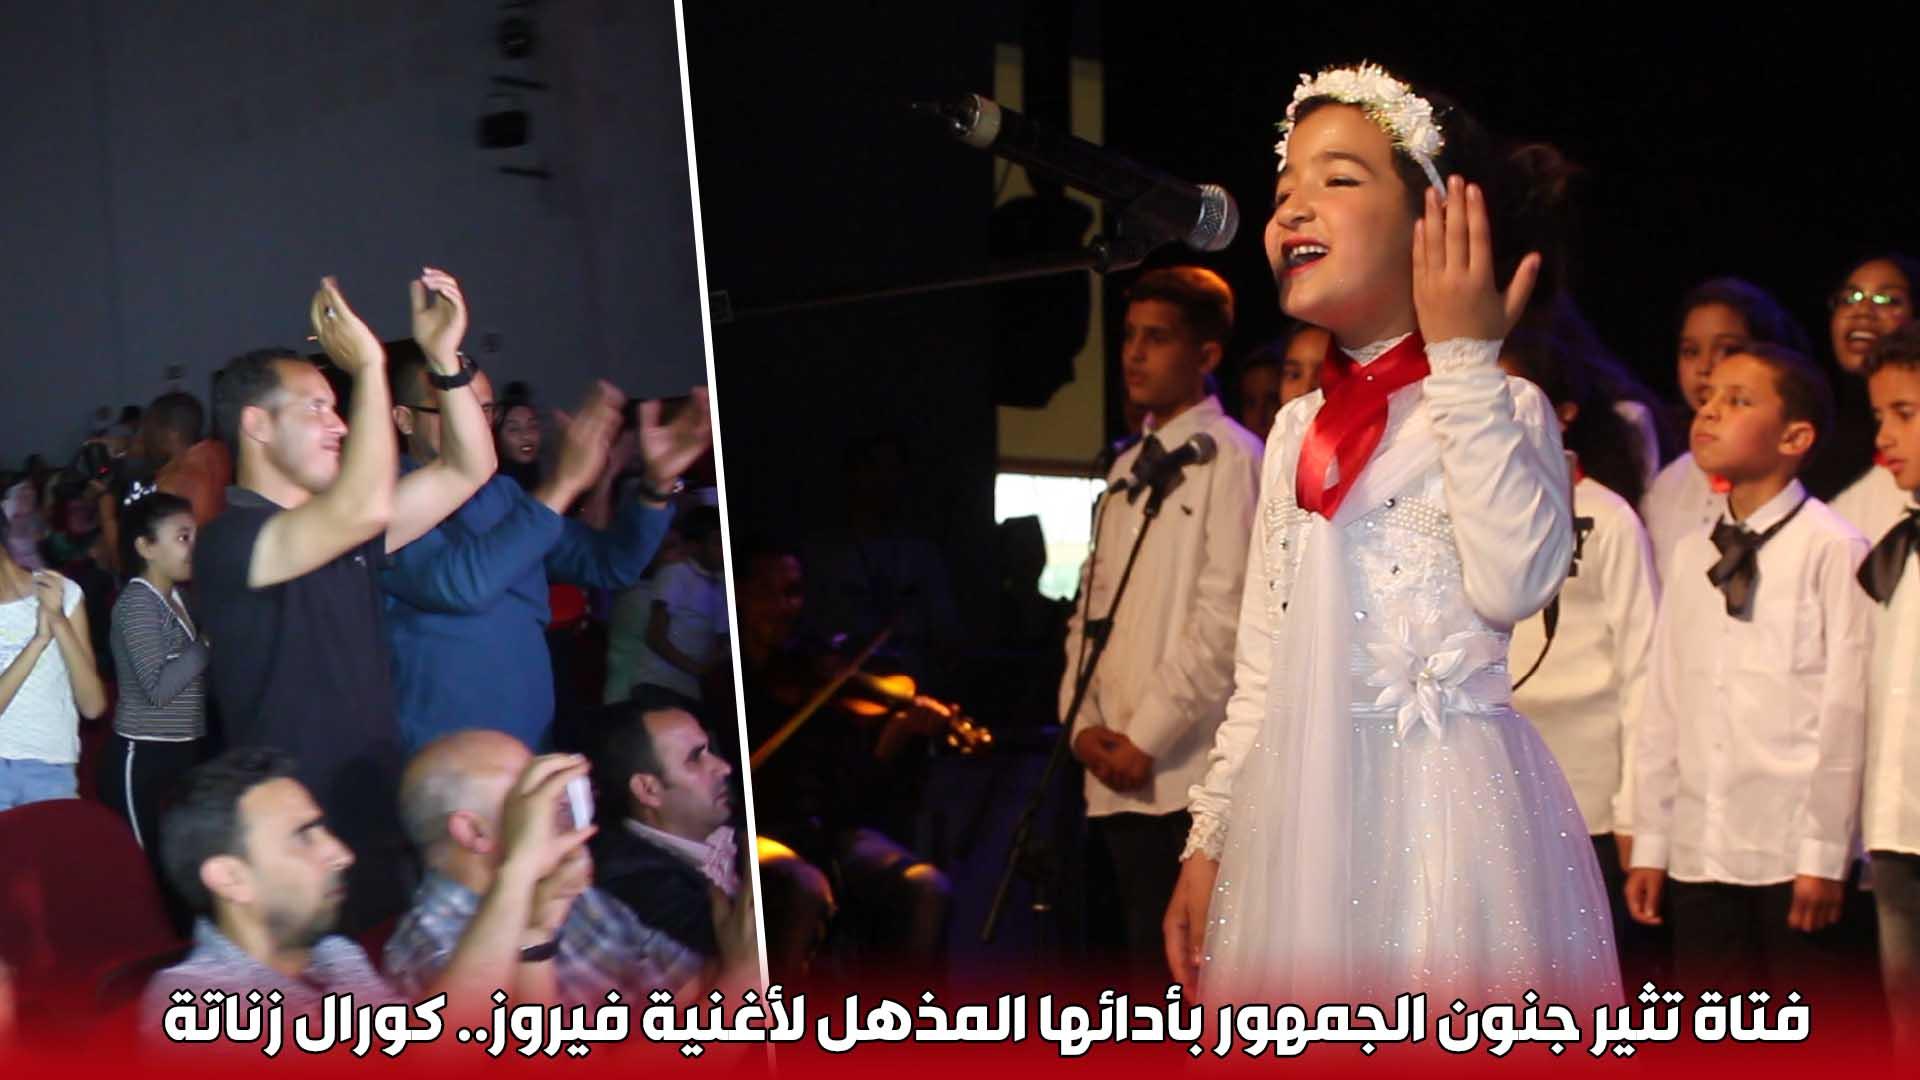 طفلة تثير جنون الجمهور بأدائها المذهل لأغنية فيروز.. بمهرجان كورال زناتة